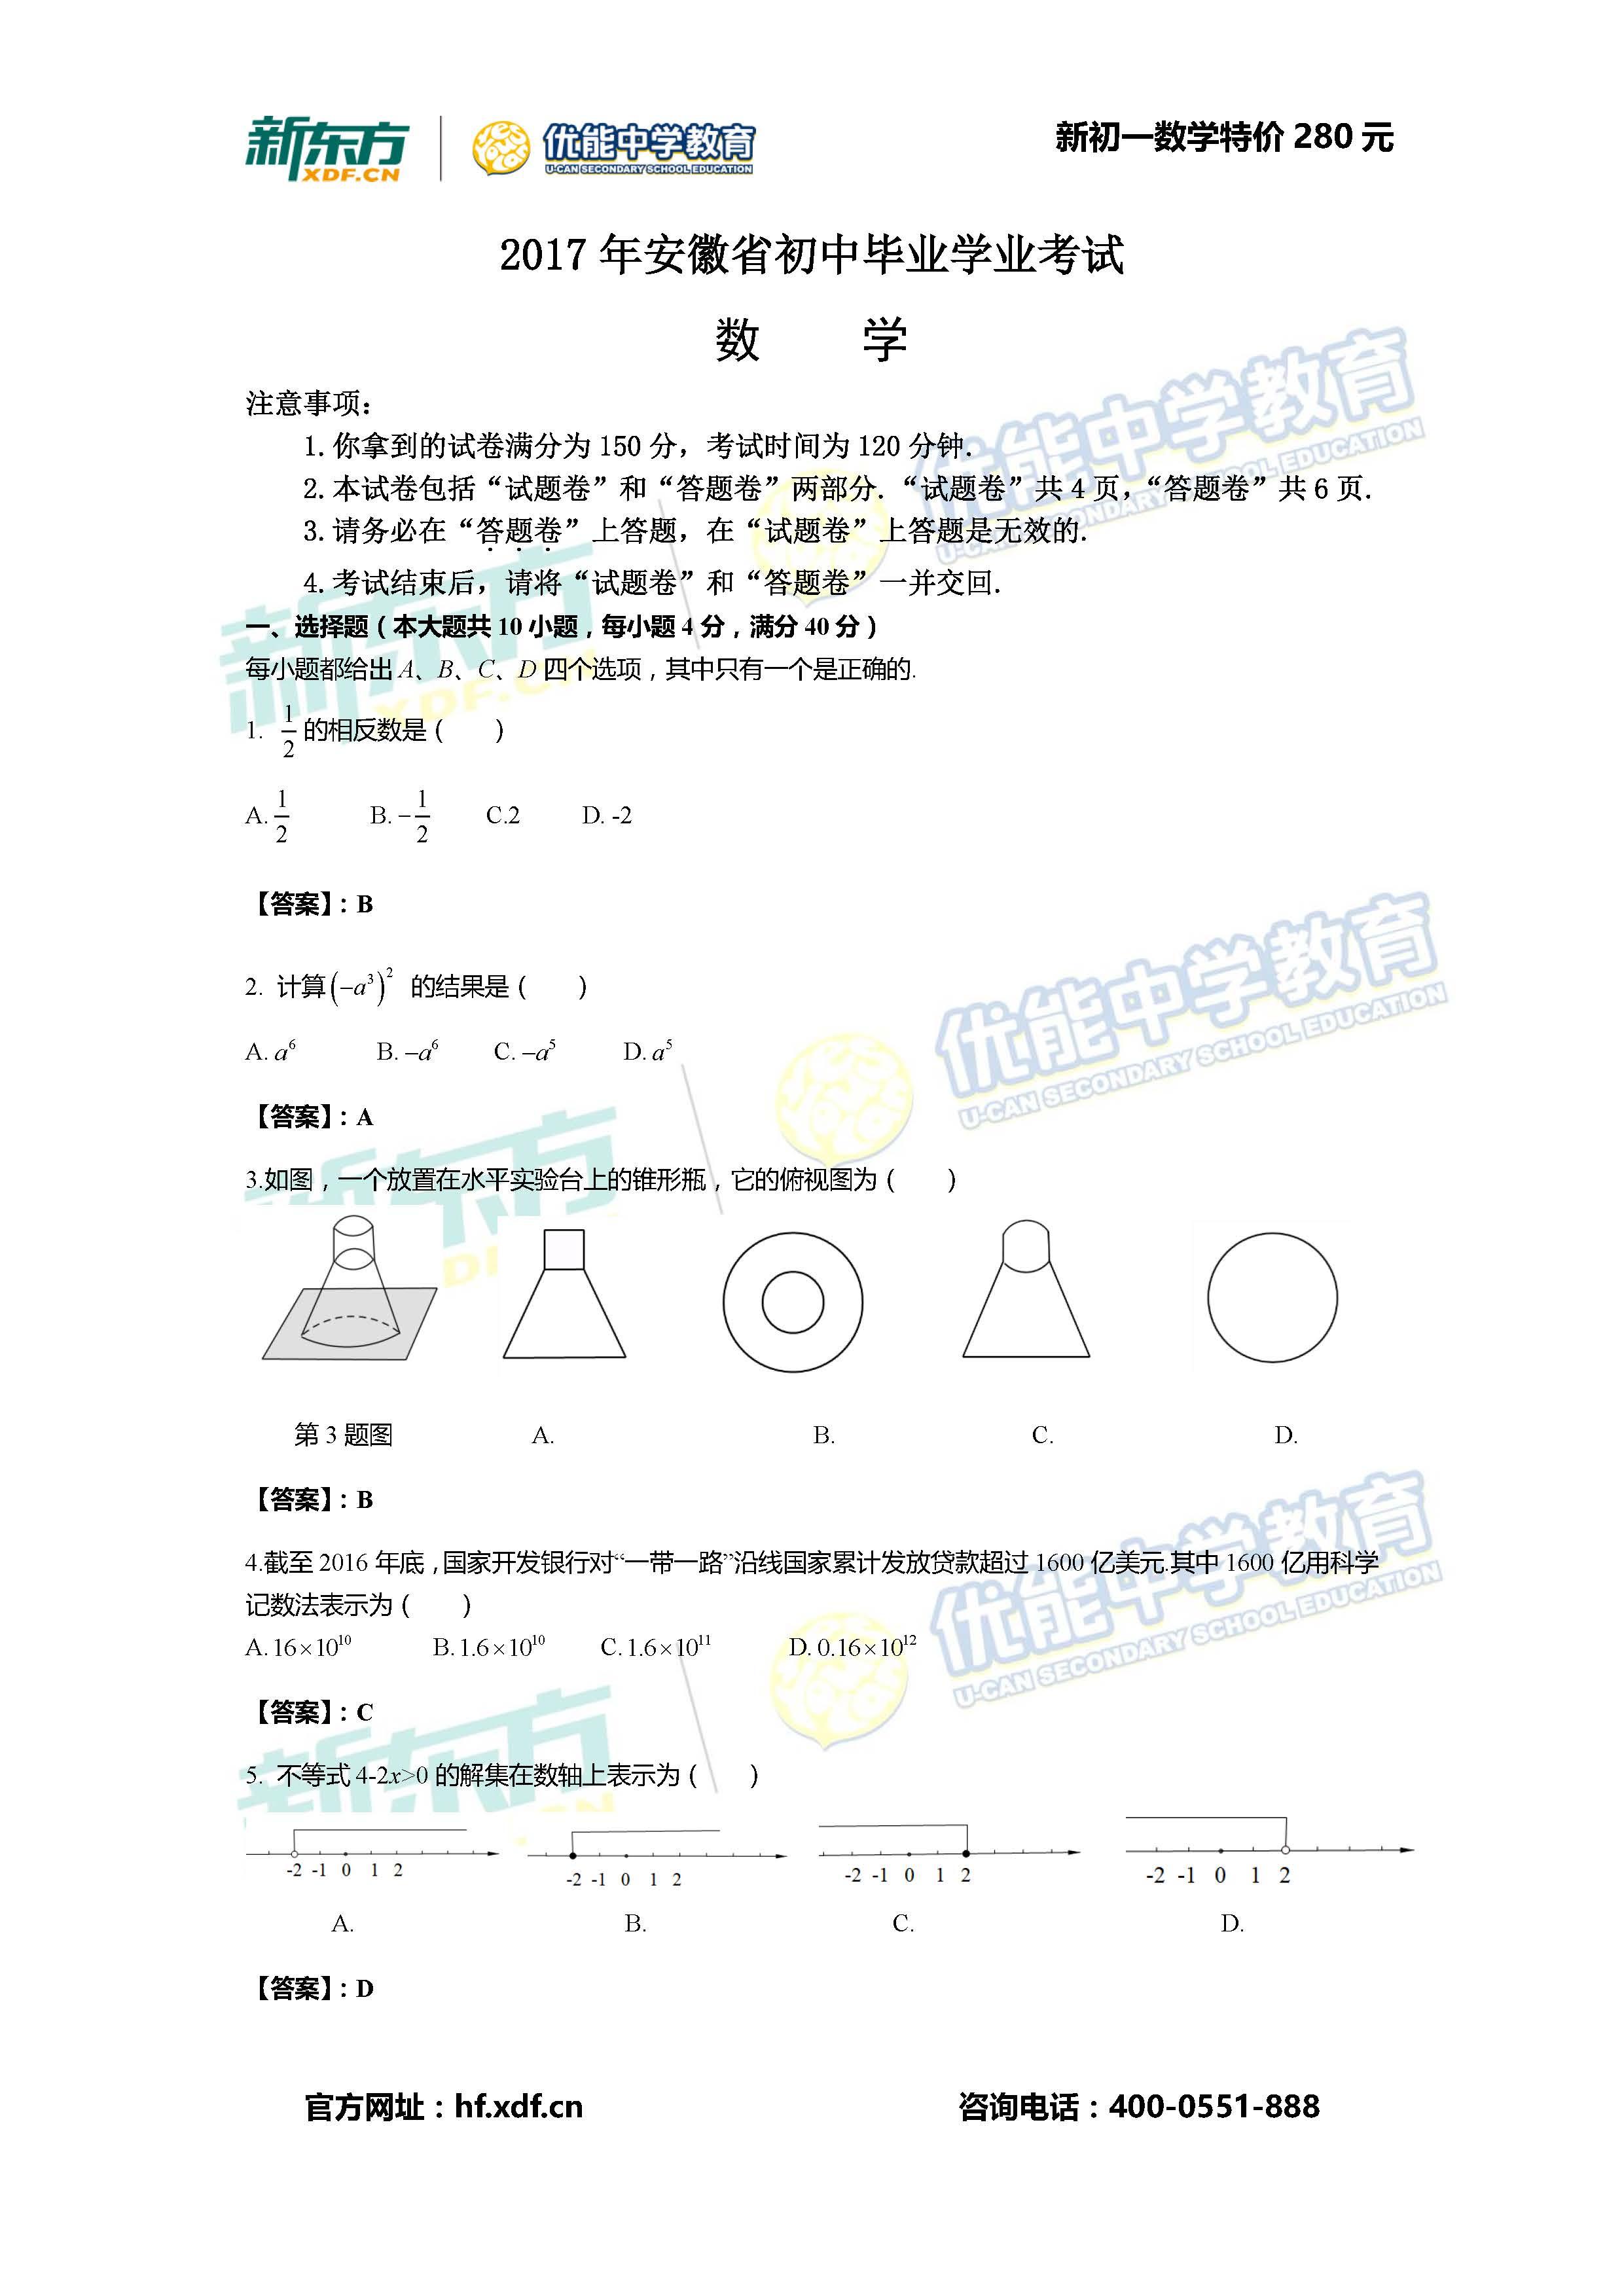 新东方名师逐题解析2017安徽中考数学答案(合肥新东方学校)